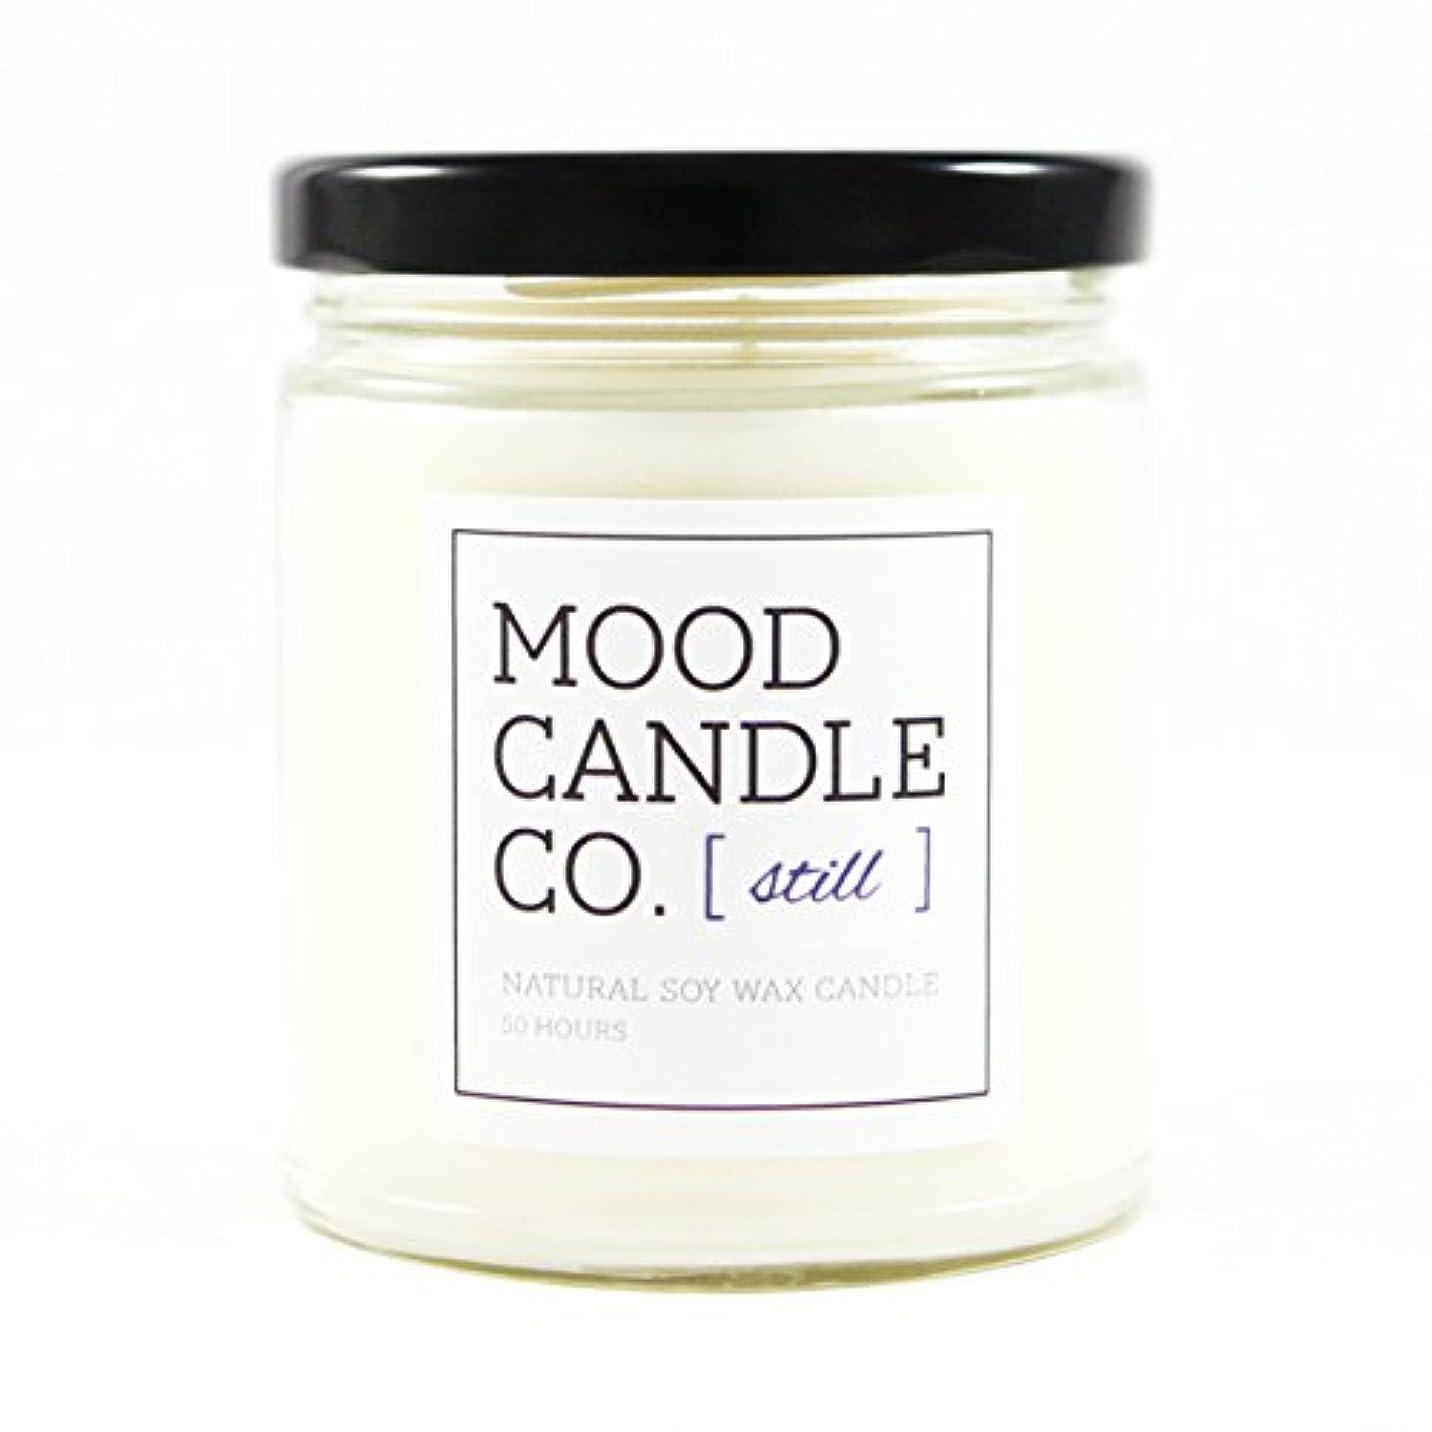 四面体犠牲ダーツ自然Soy Candle、50時間、Great for Aromatherapy、ヨガ、瞑想、非毒性、by Mood Candle Co。 50 HOURS ホワイト